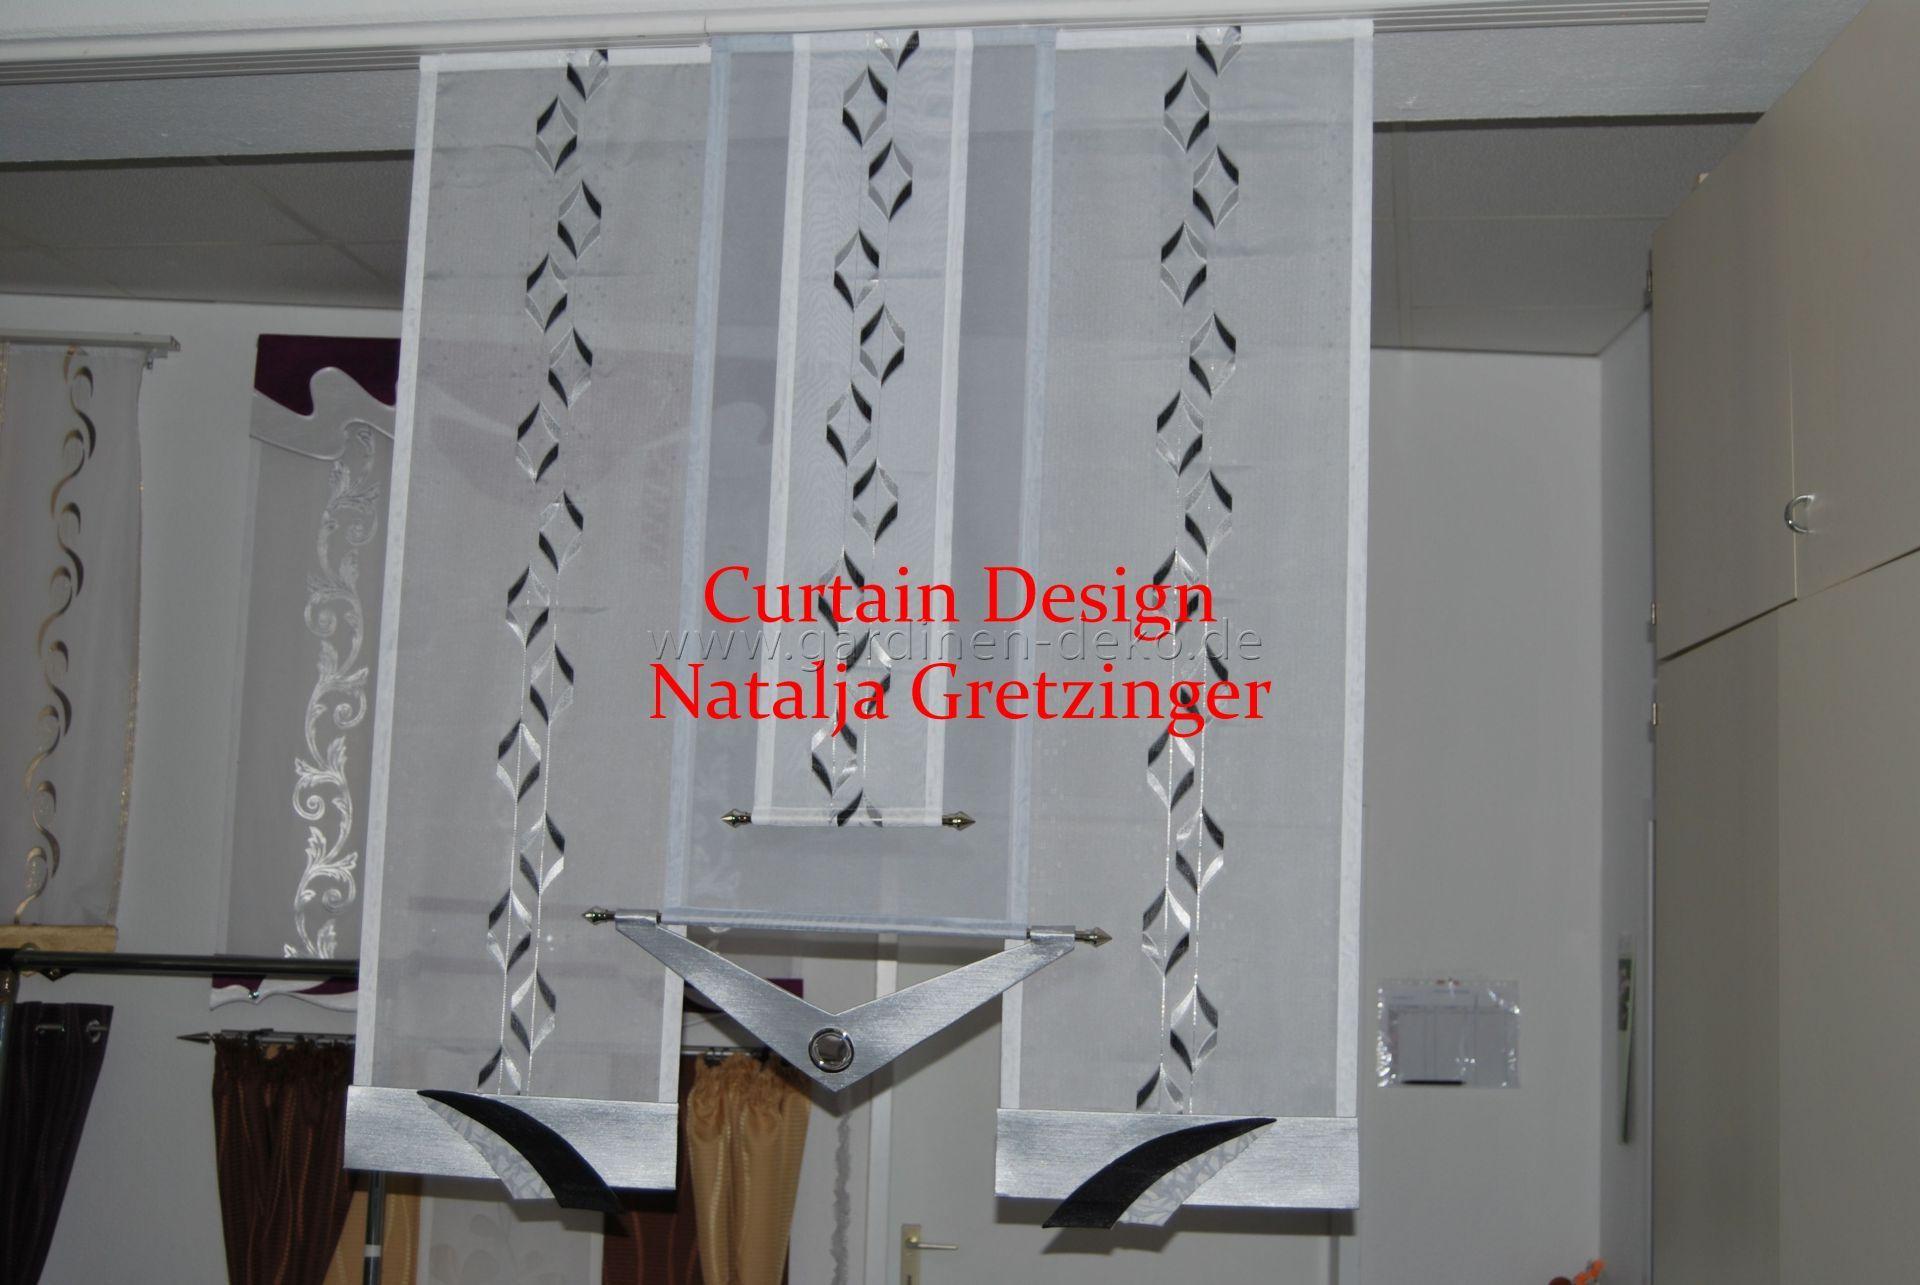 Schön Bader Katalog Gardinen Design